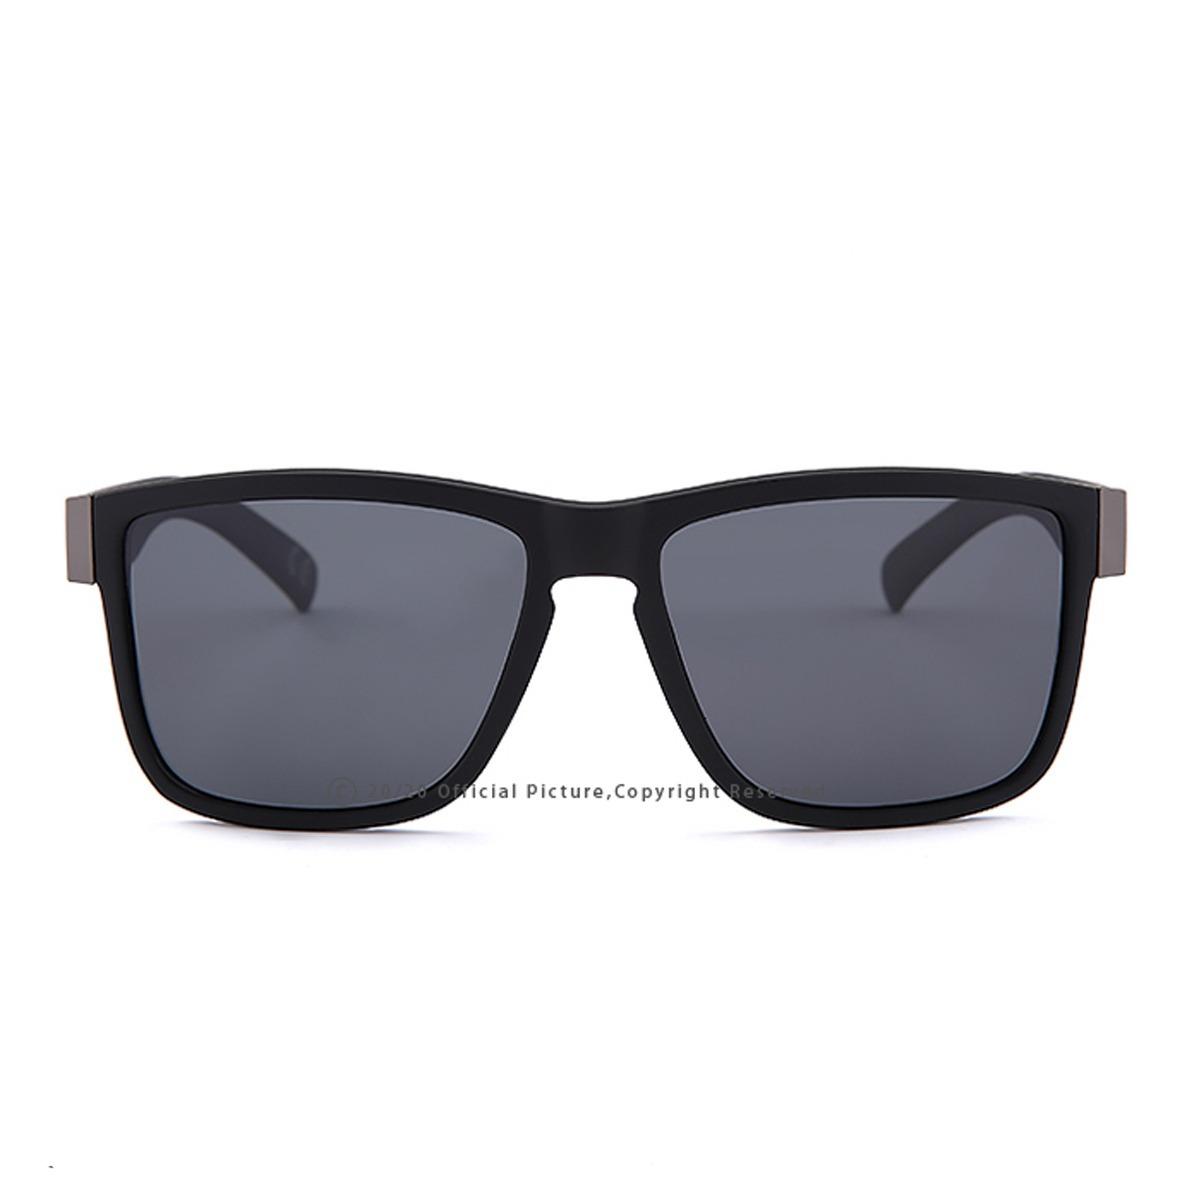 7db42602a óculos masculino oculos sol feminino original vintage 2020. Carregando zoom.